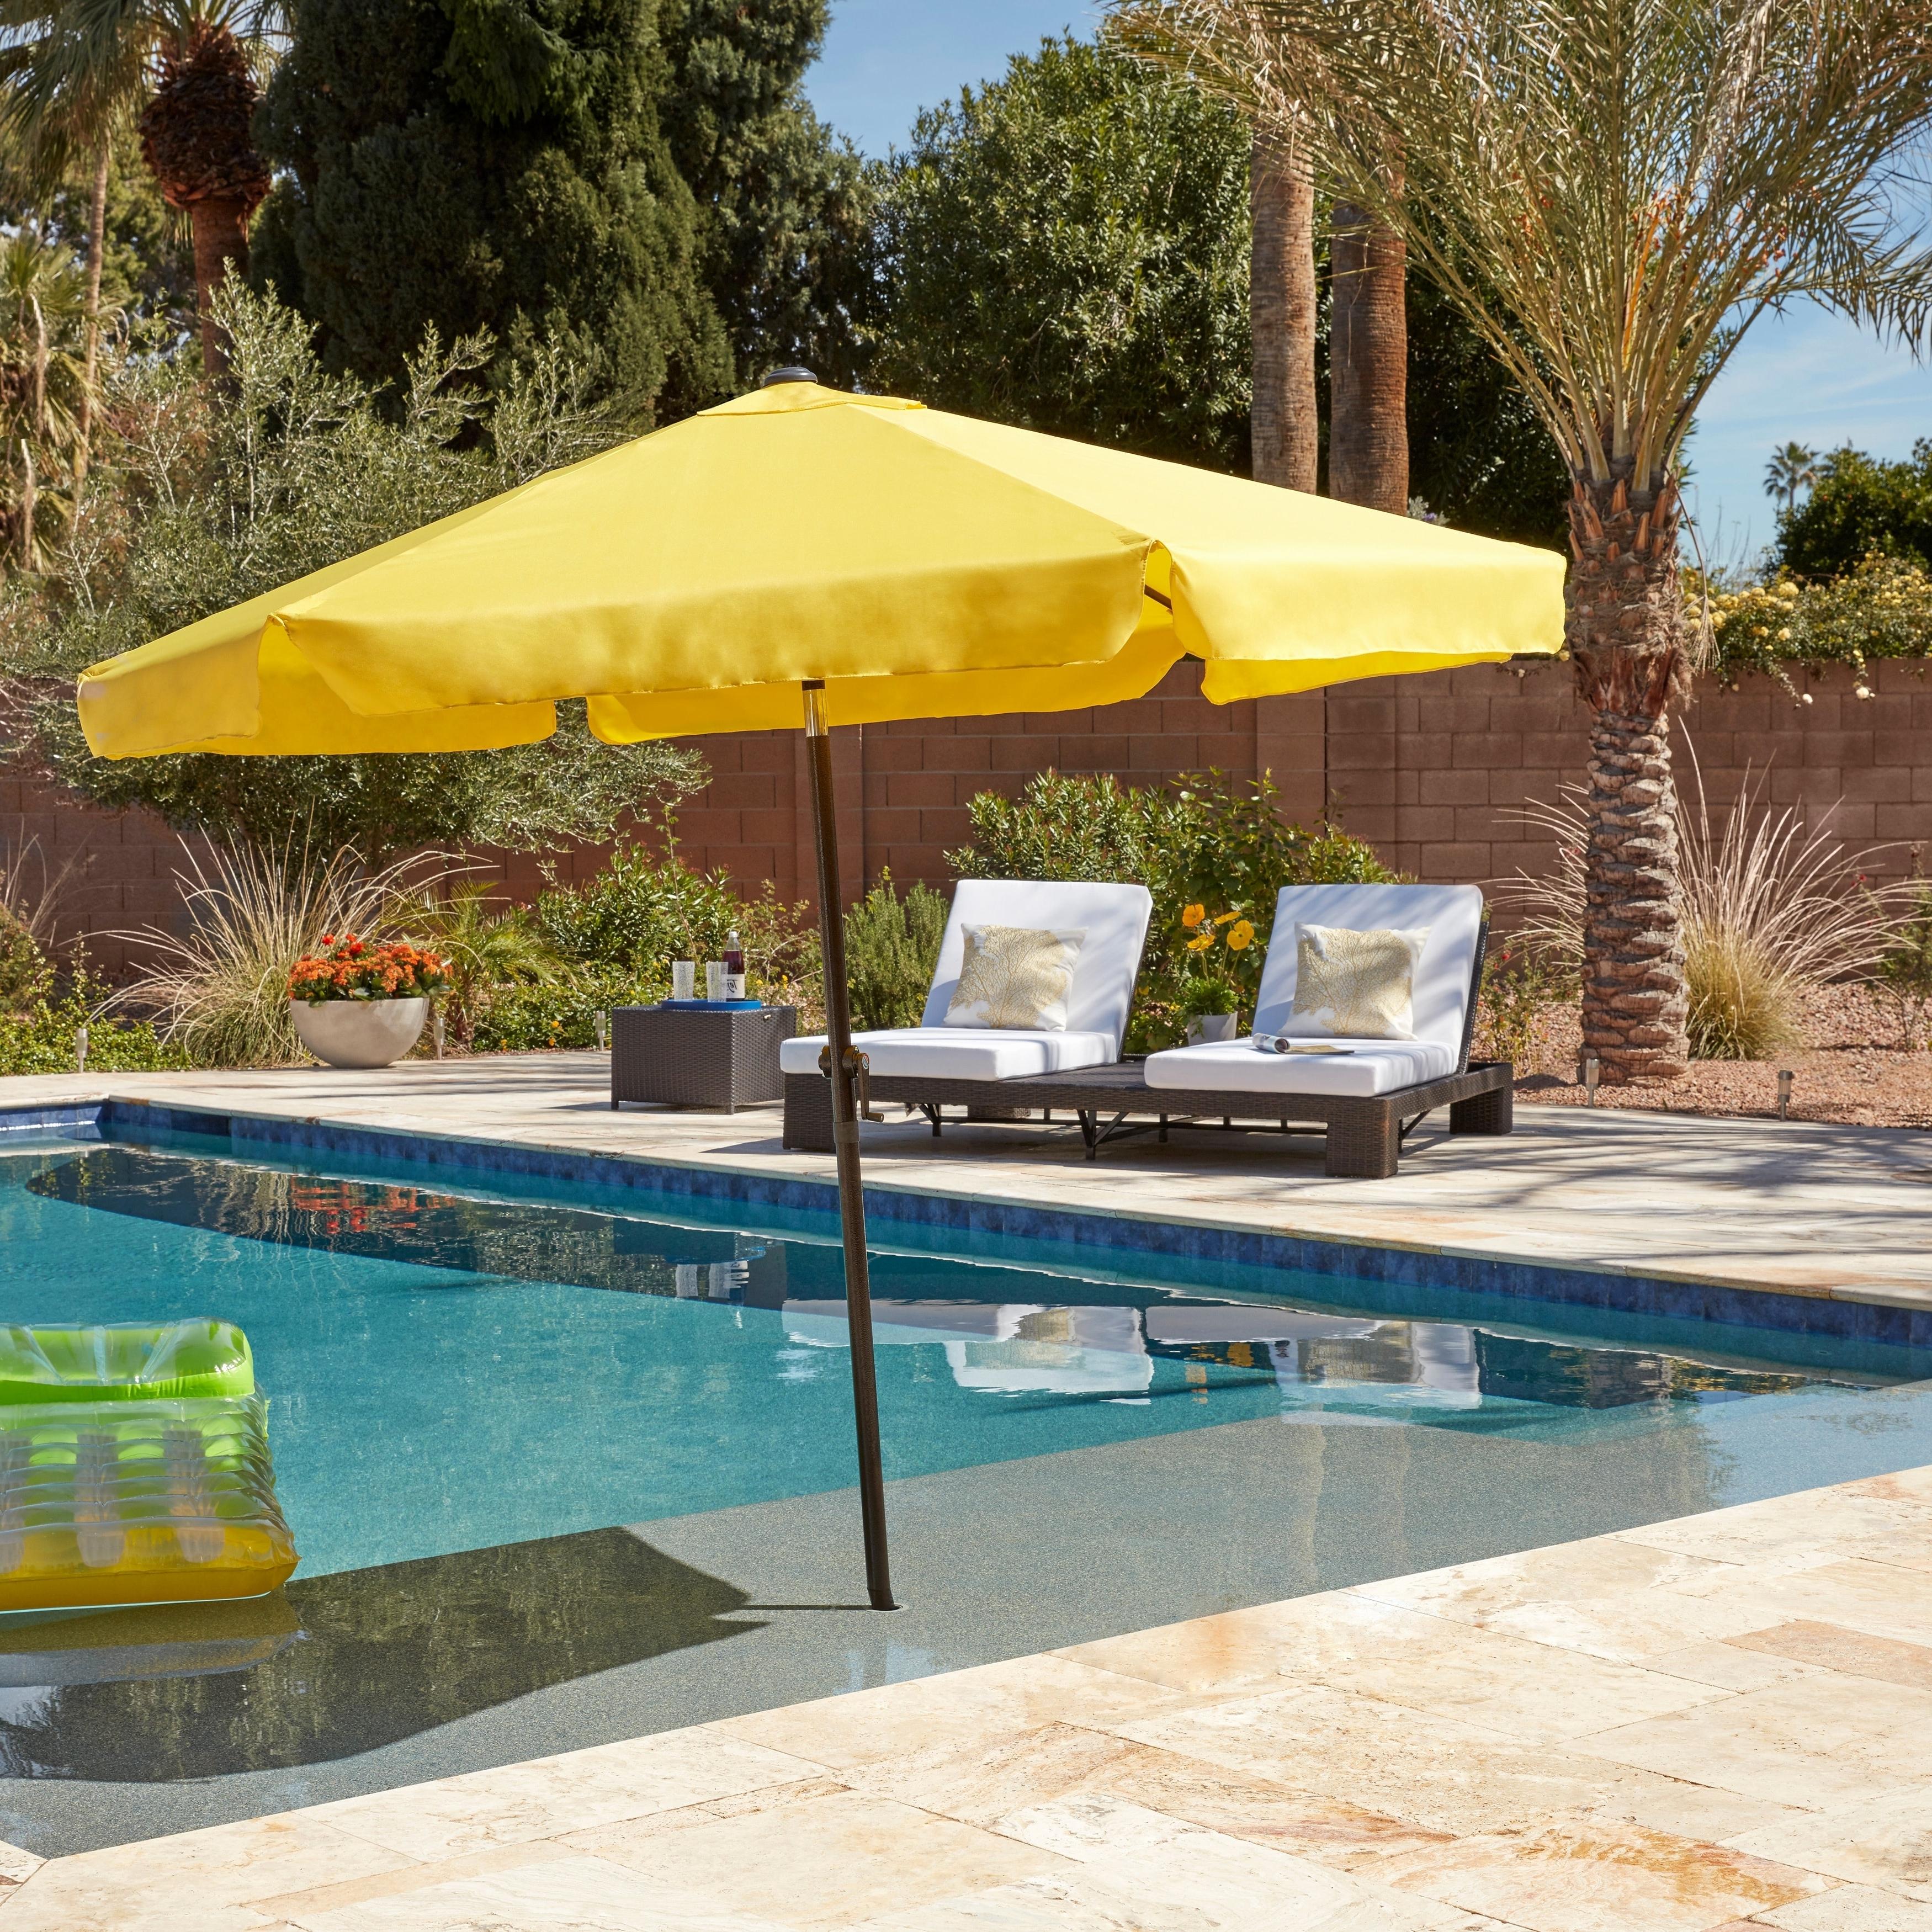 54 Vintage Patio Umbrella, 100 Retro Patio Umbrella Outdoor Patio Regarding 2018 Patio Umbrellas With Fringe (View 2 of 20)